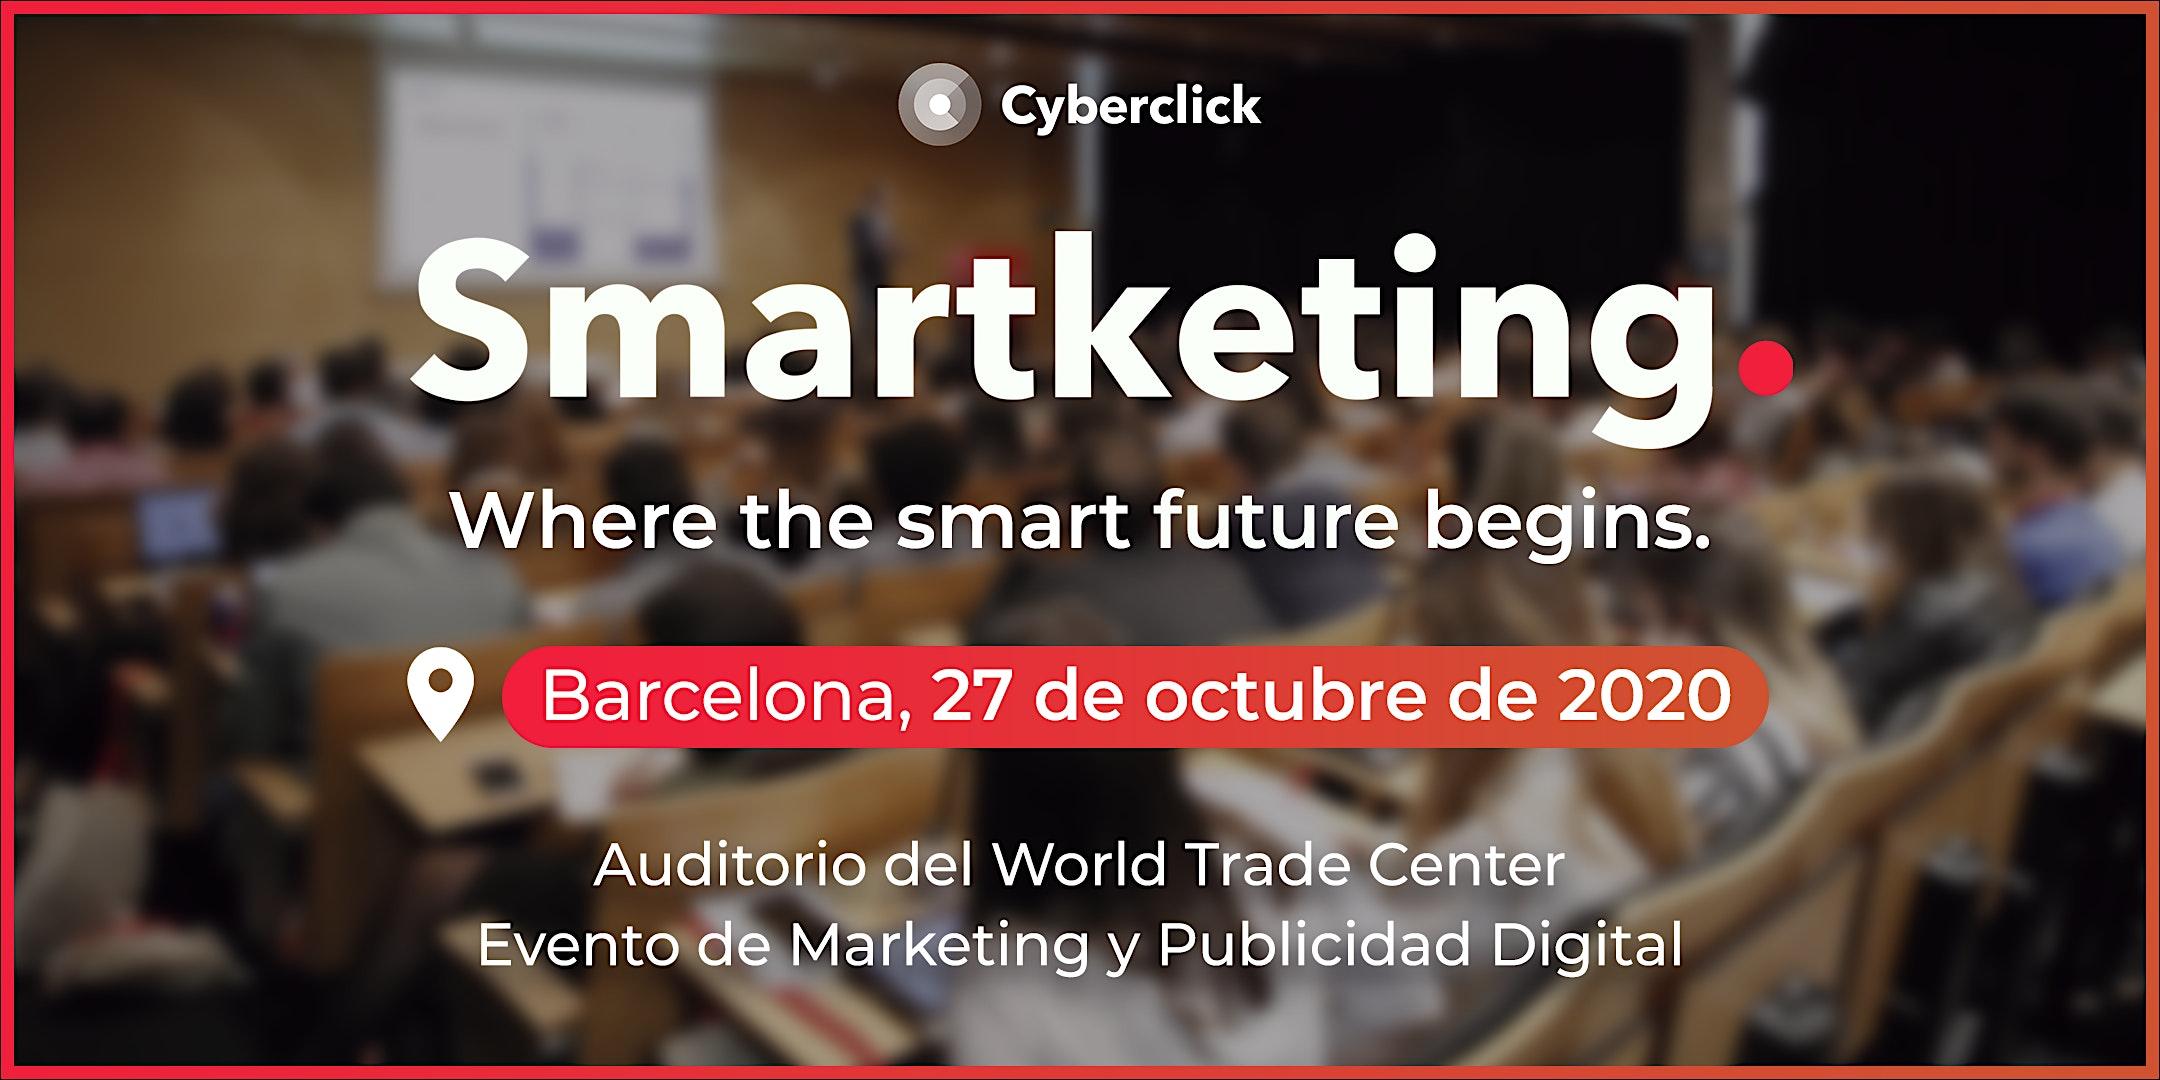 Smartketing 2020 - Evento de marketing y publicidad digital